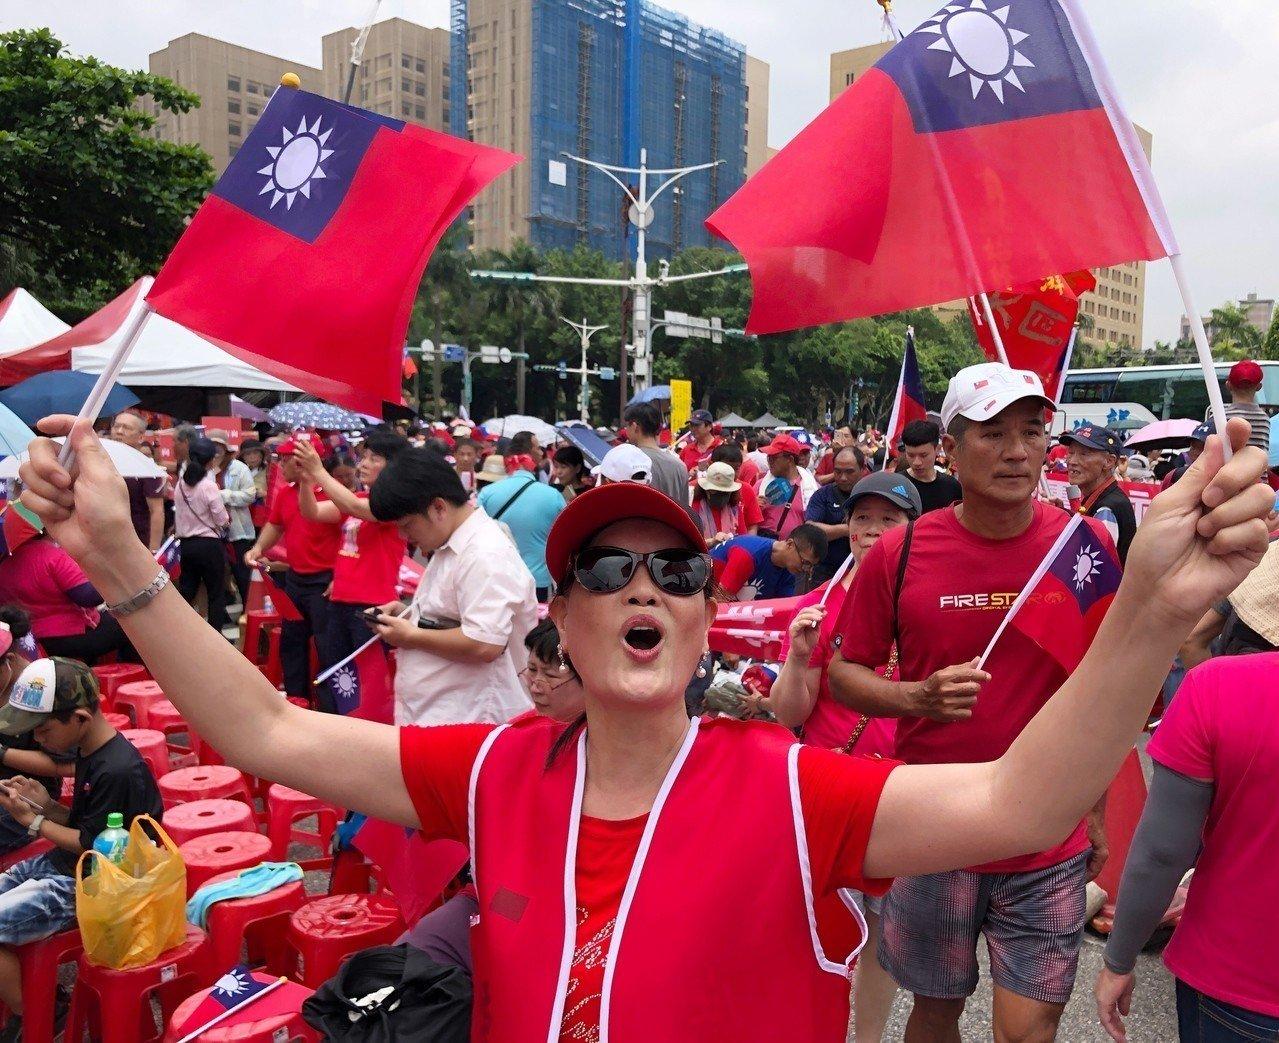 挺韓團體今下午在總統府前凱道舉辦「庶民總統團結台灣、決戰二○二○贏回台灣」挺韓造勢大會,中午時凱道已湧入大批支持者,有人揮舞國旗高呼「韓國瑜選總統」,現場氣氛相當熱絡。記者王騰毅/攝影